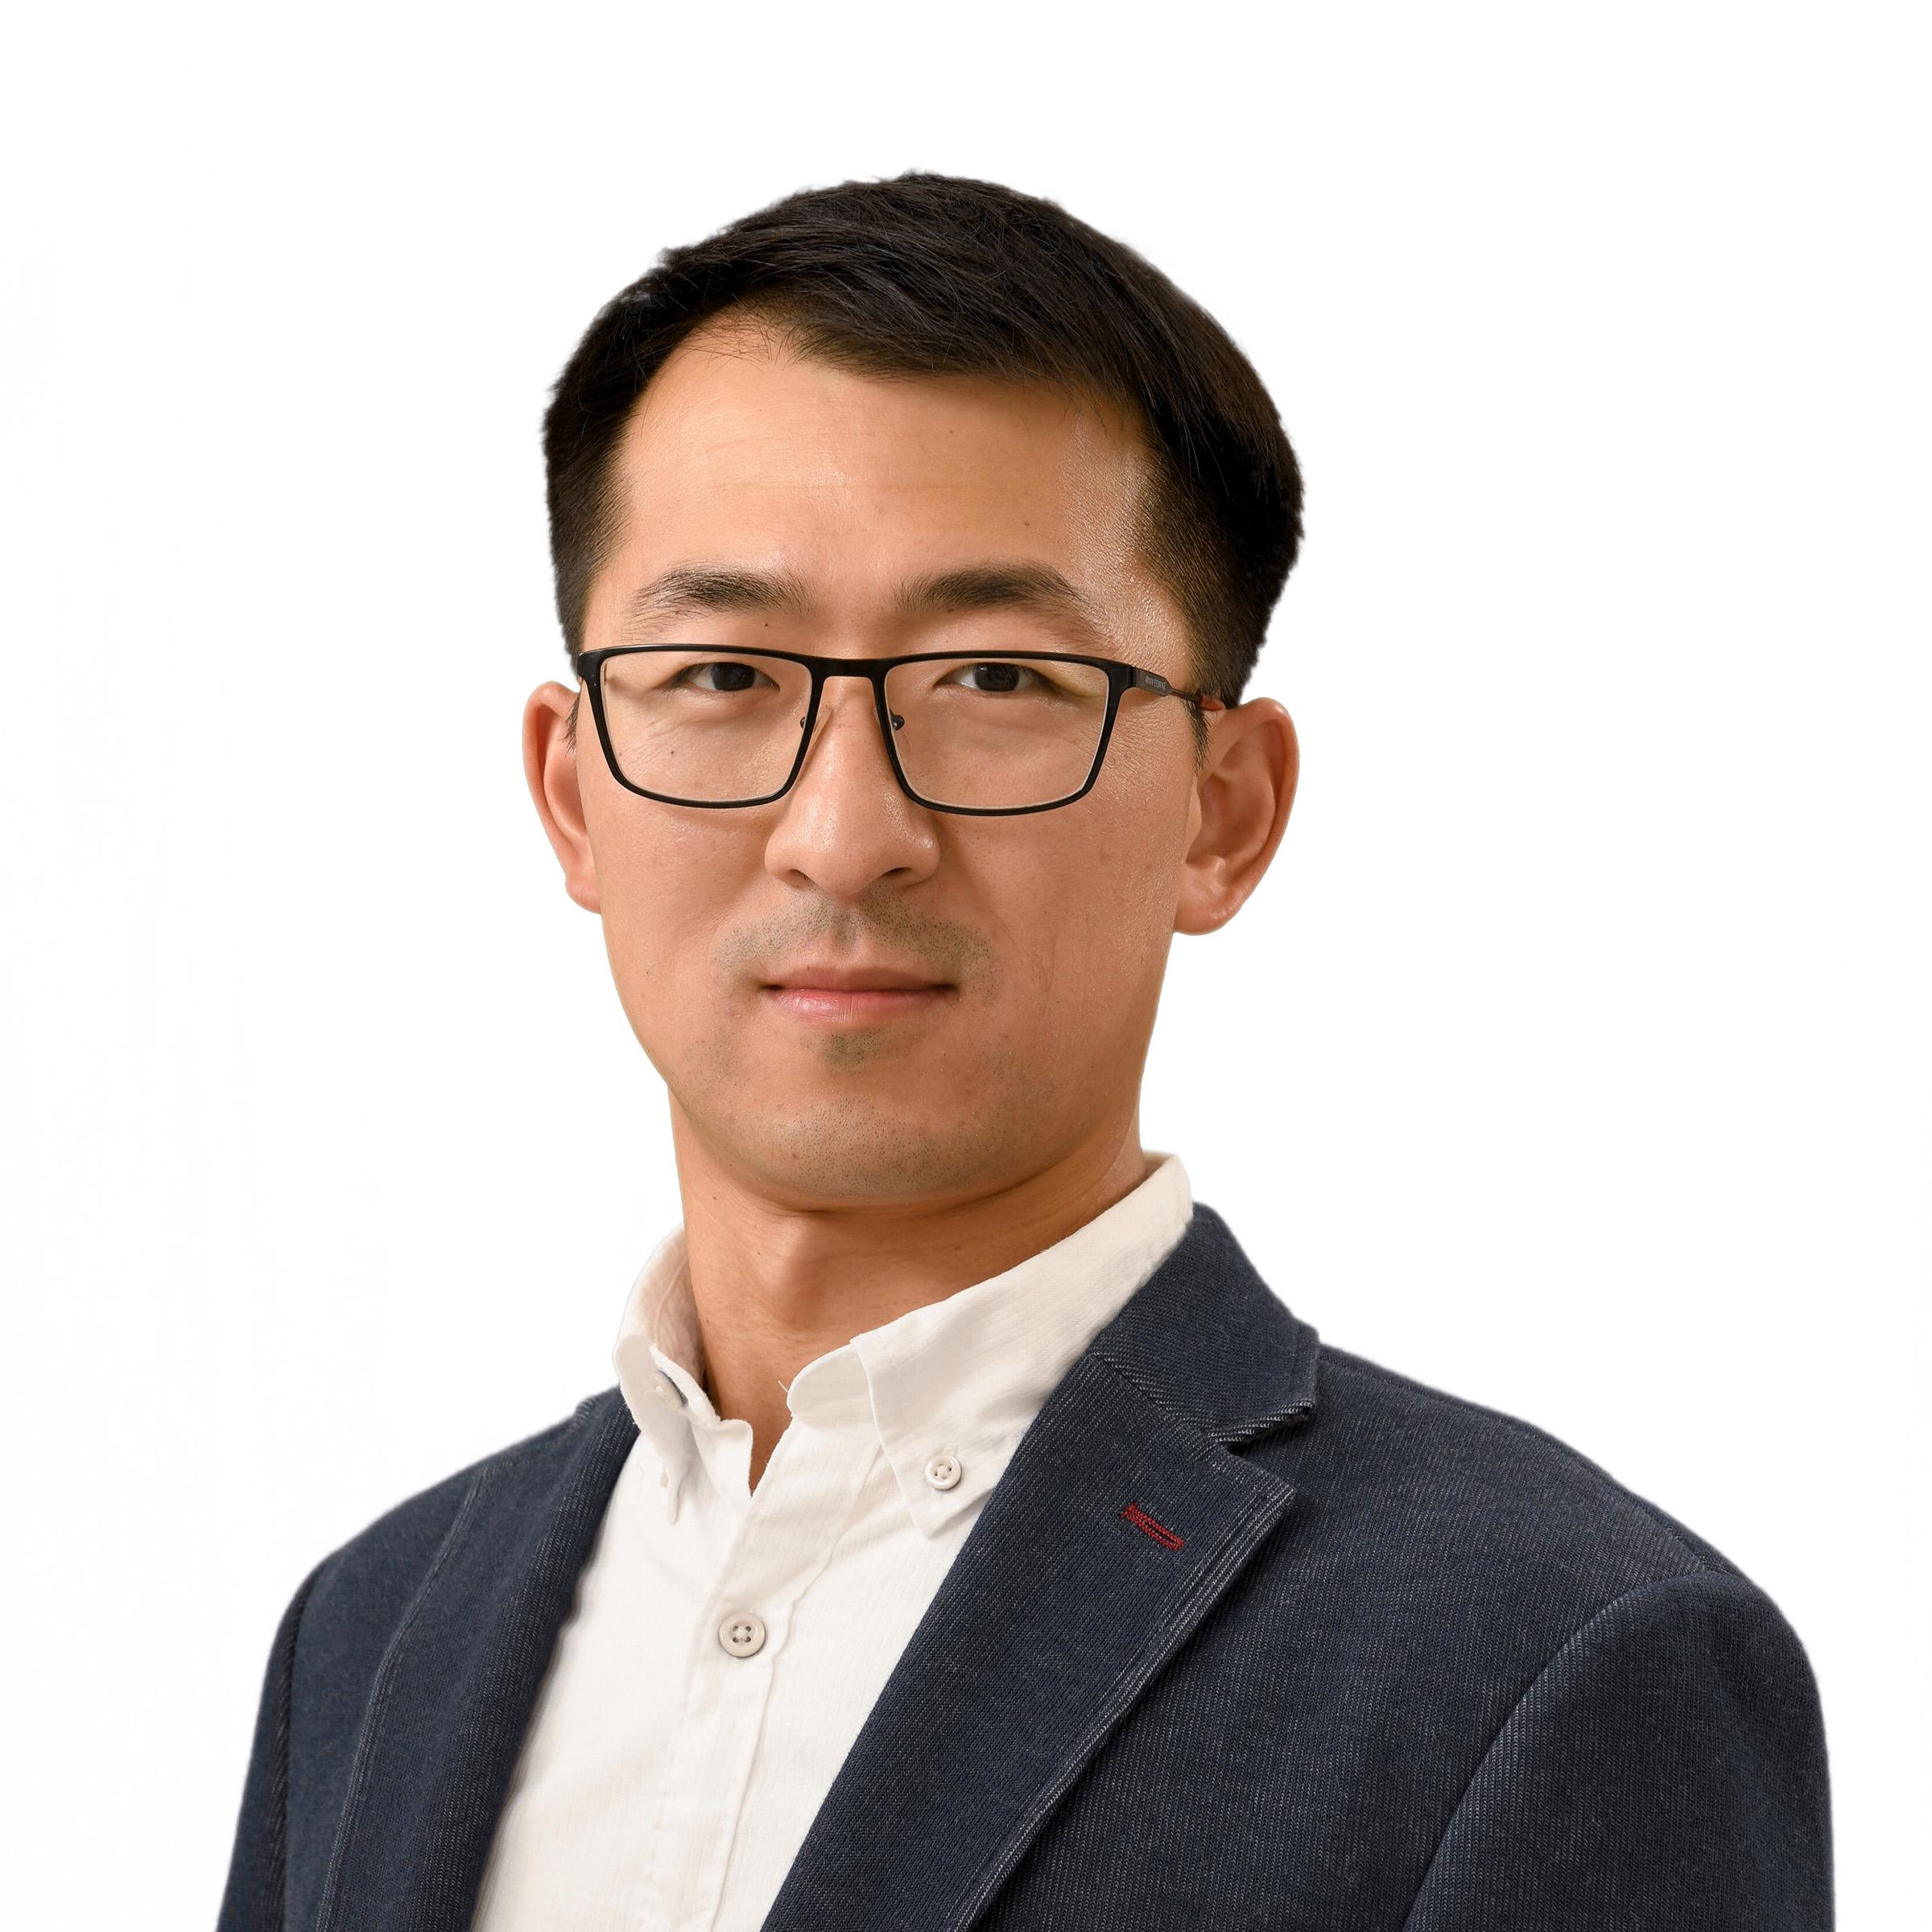 Wenpei Gao